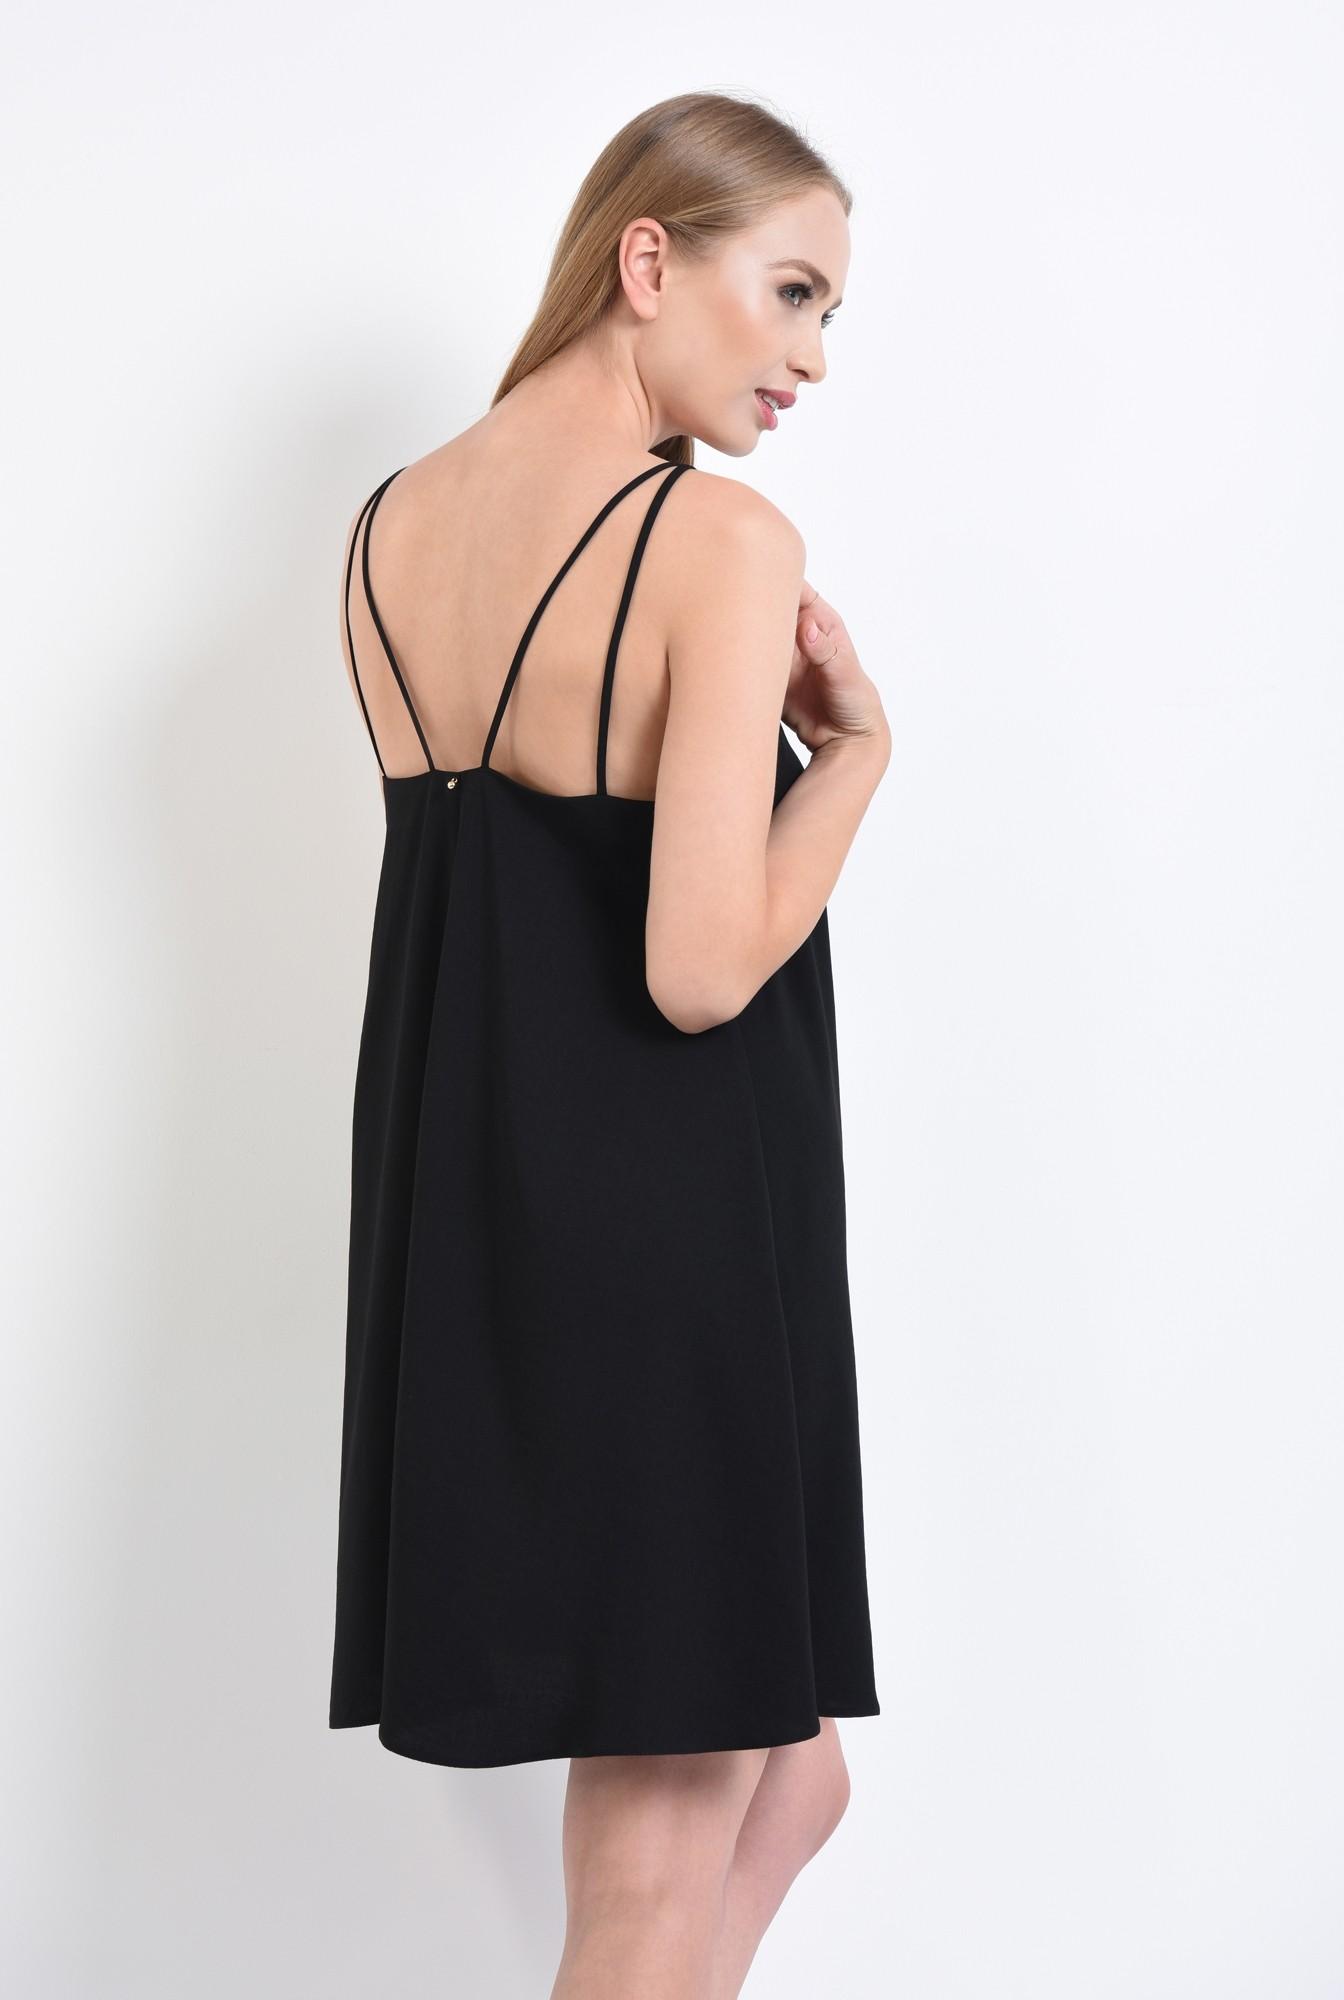 1 - rochie eleganta, scurta, evazata, neagra